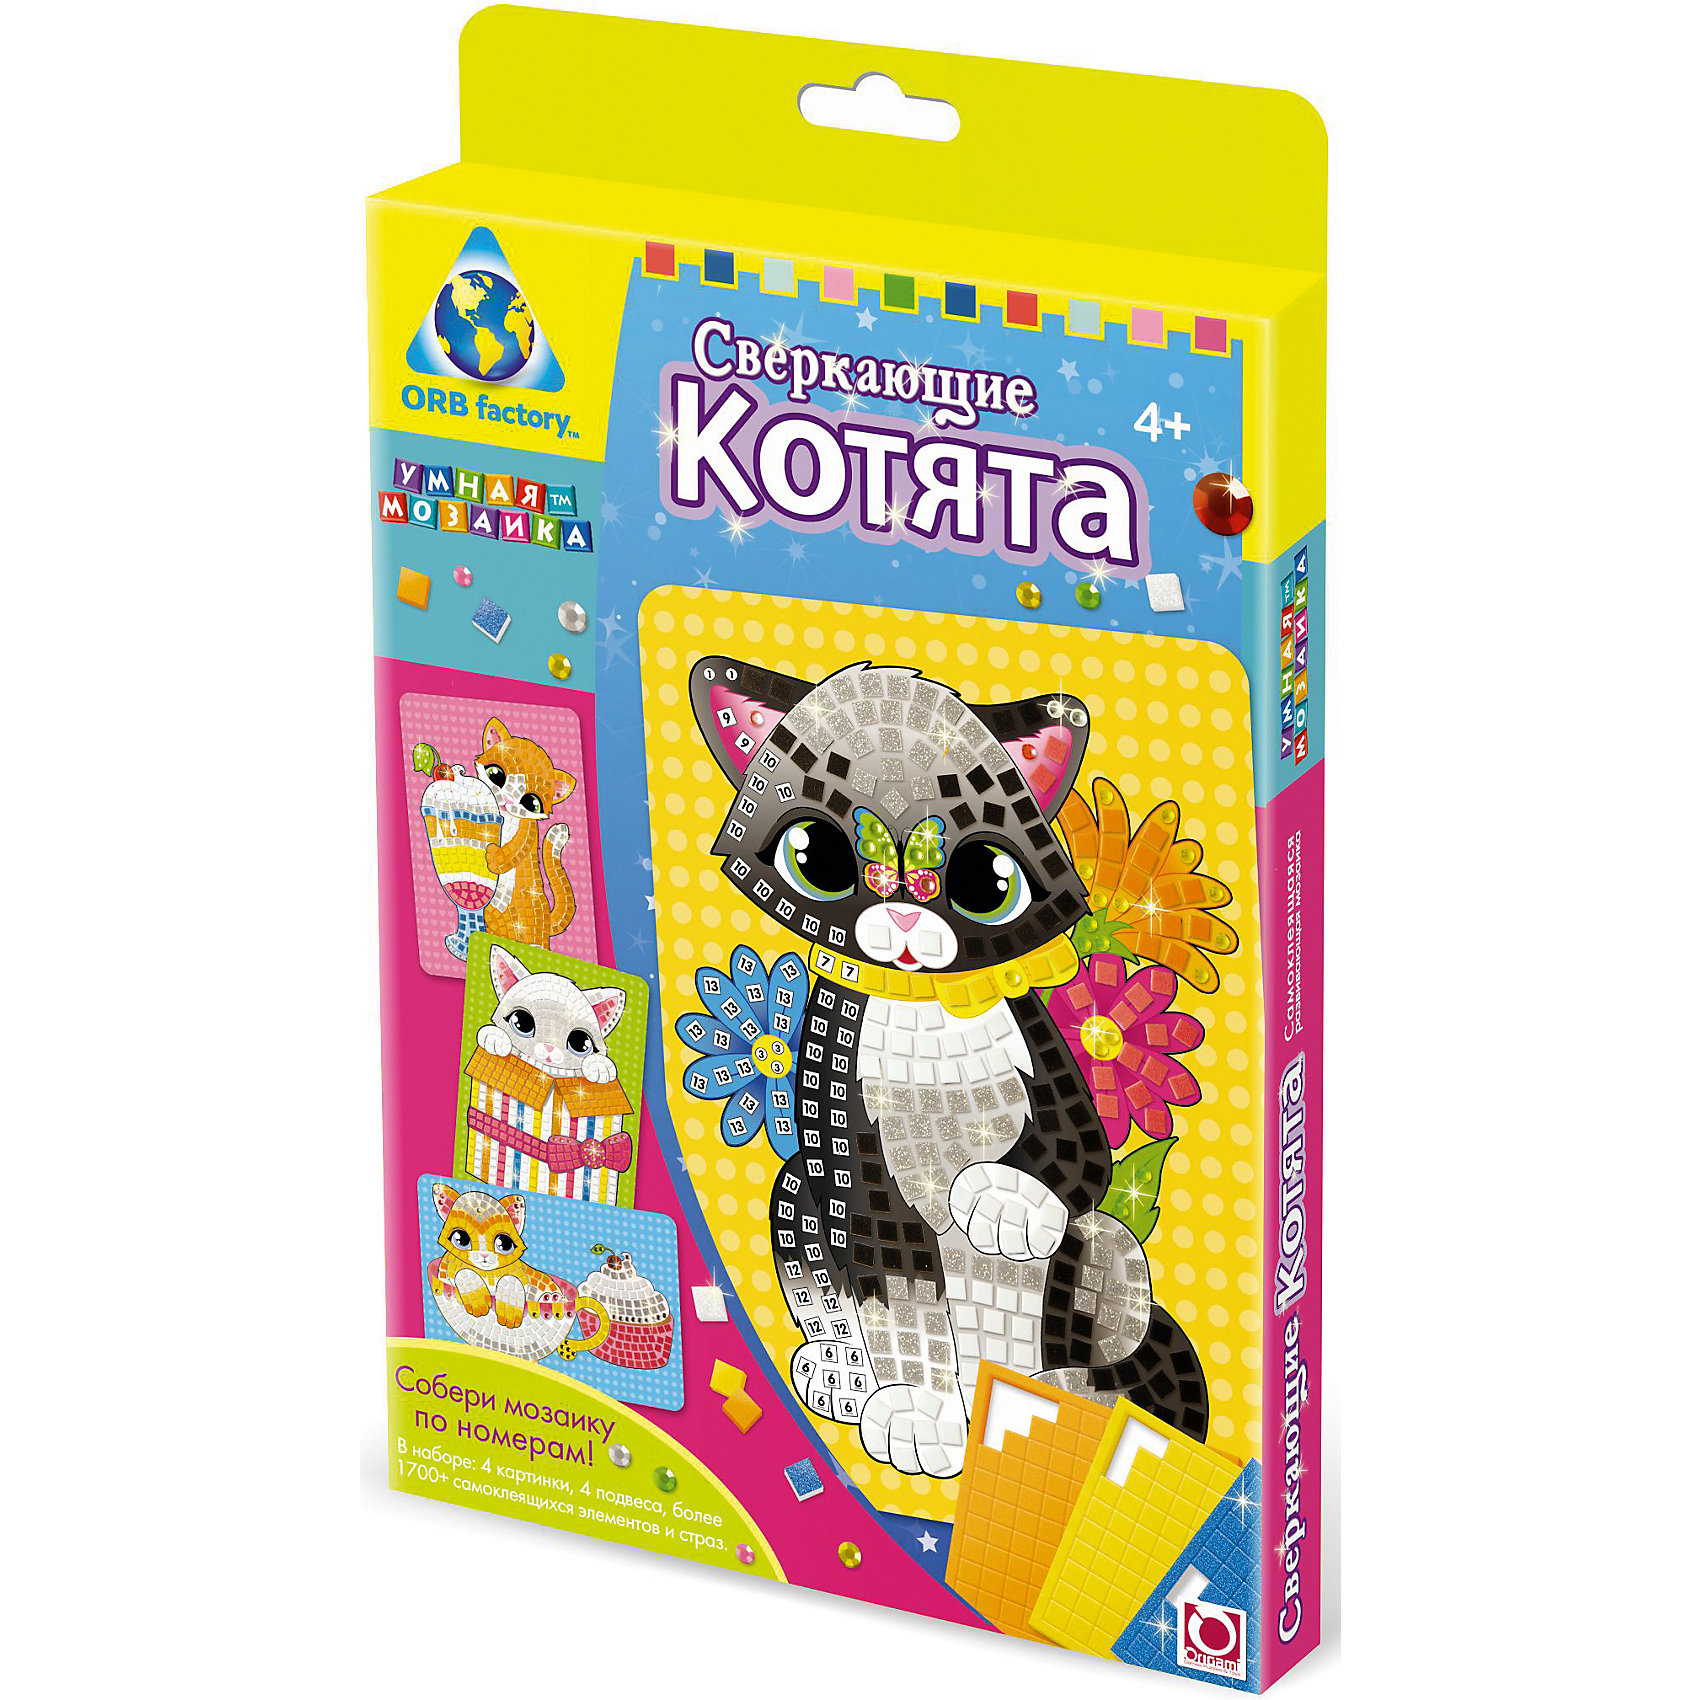 Origami Мозаика-набор Сверкающие котята, 4 картинки origami мозаика набор пони 4 картинки